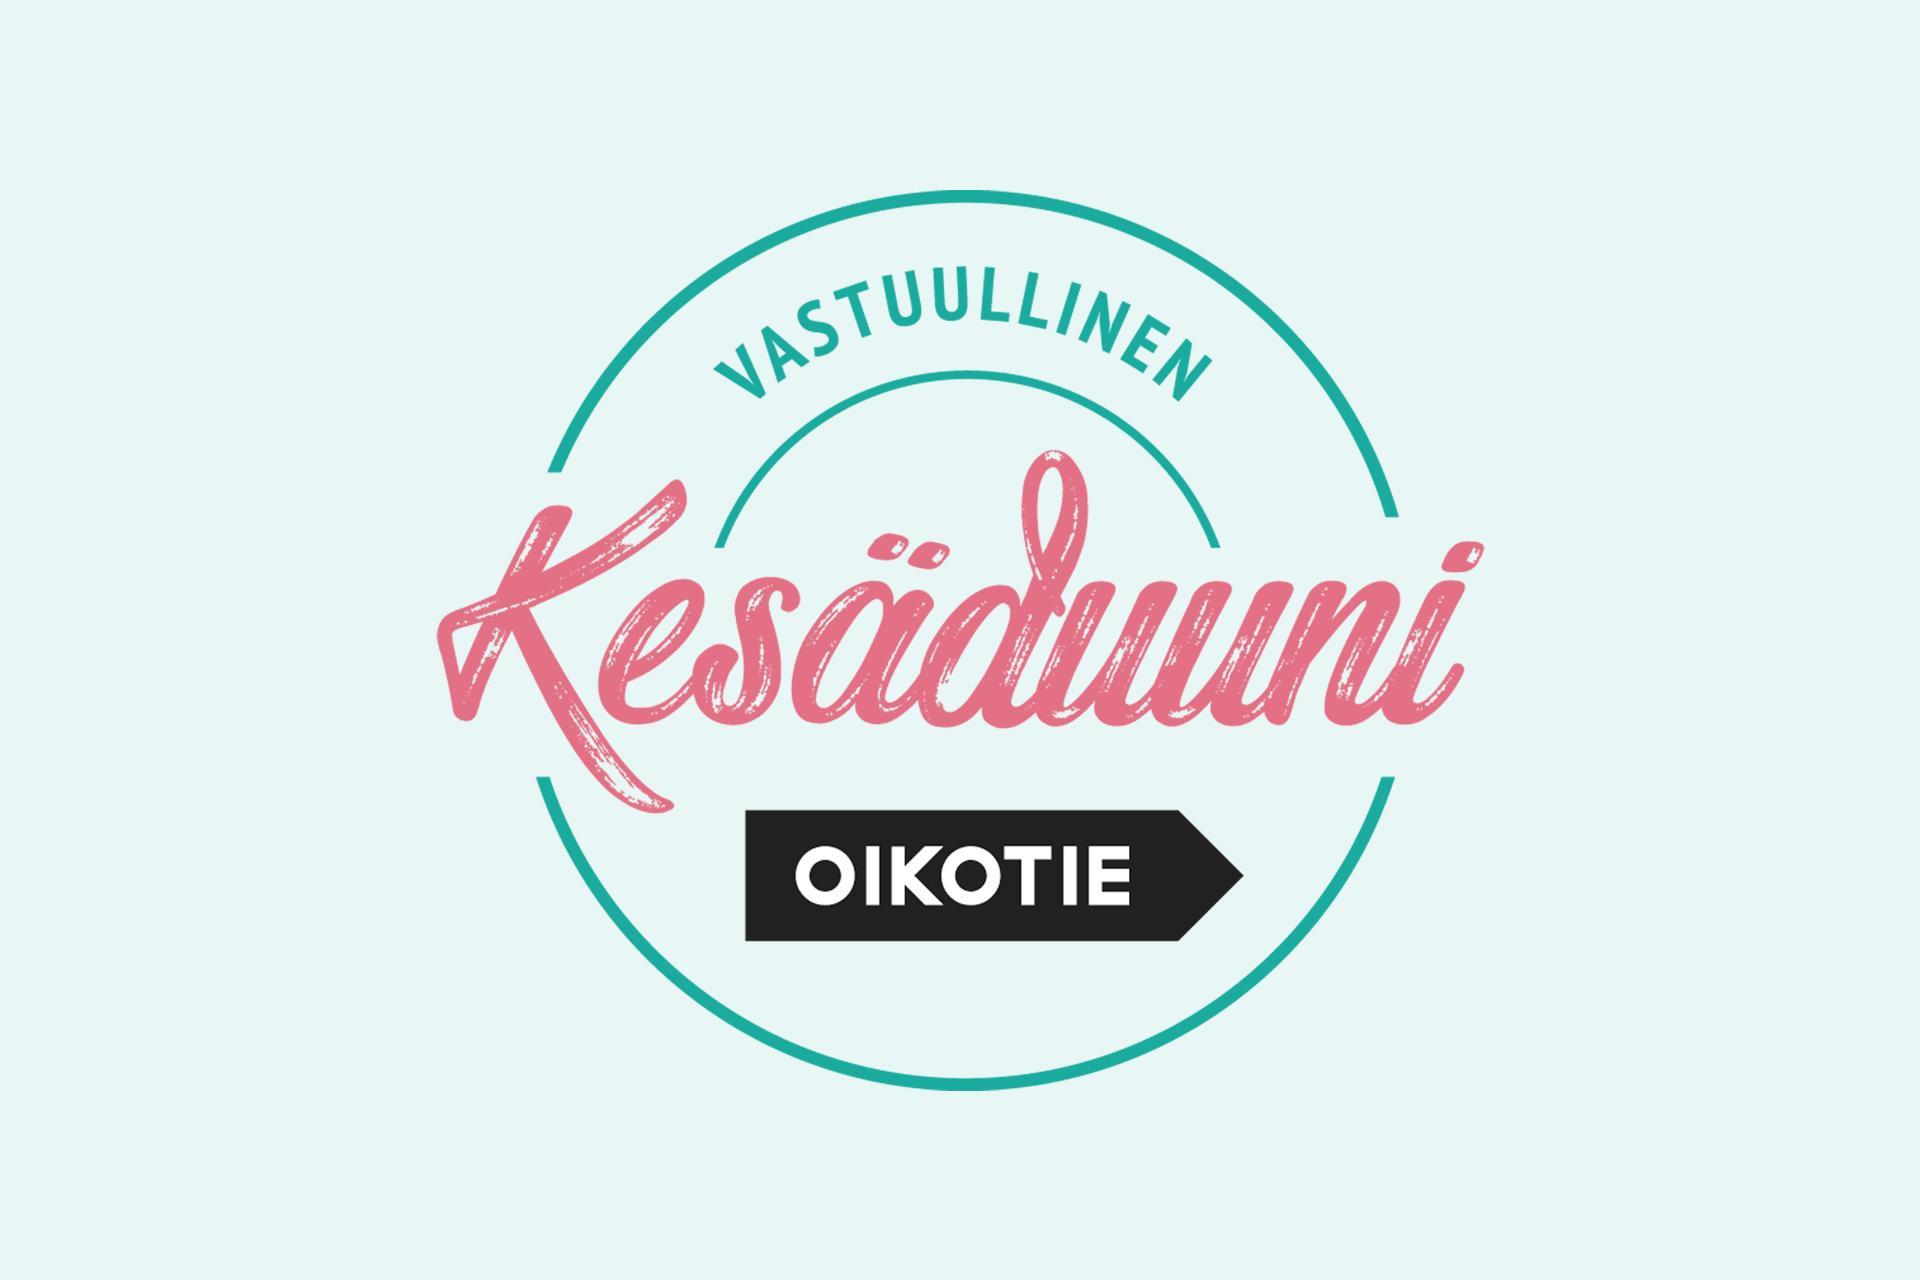 Vastuullinen Kesäduuni -kampanjan logo.